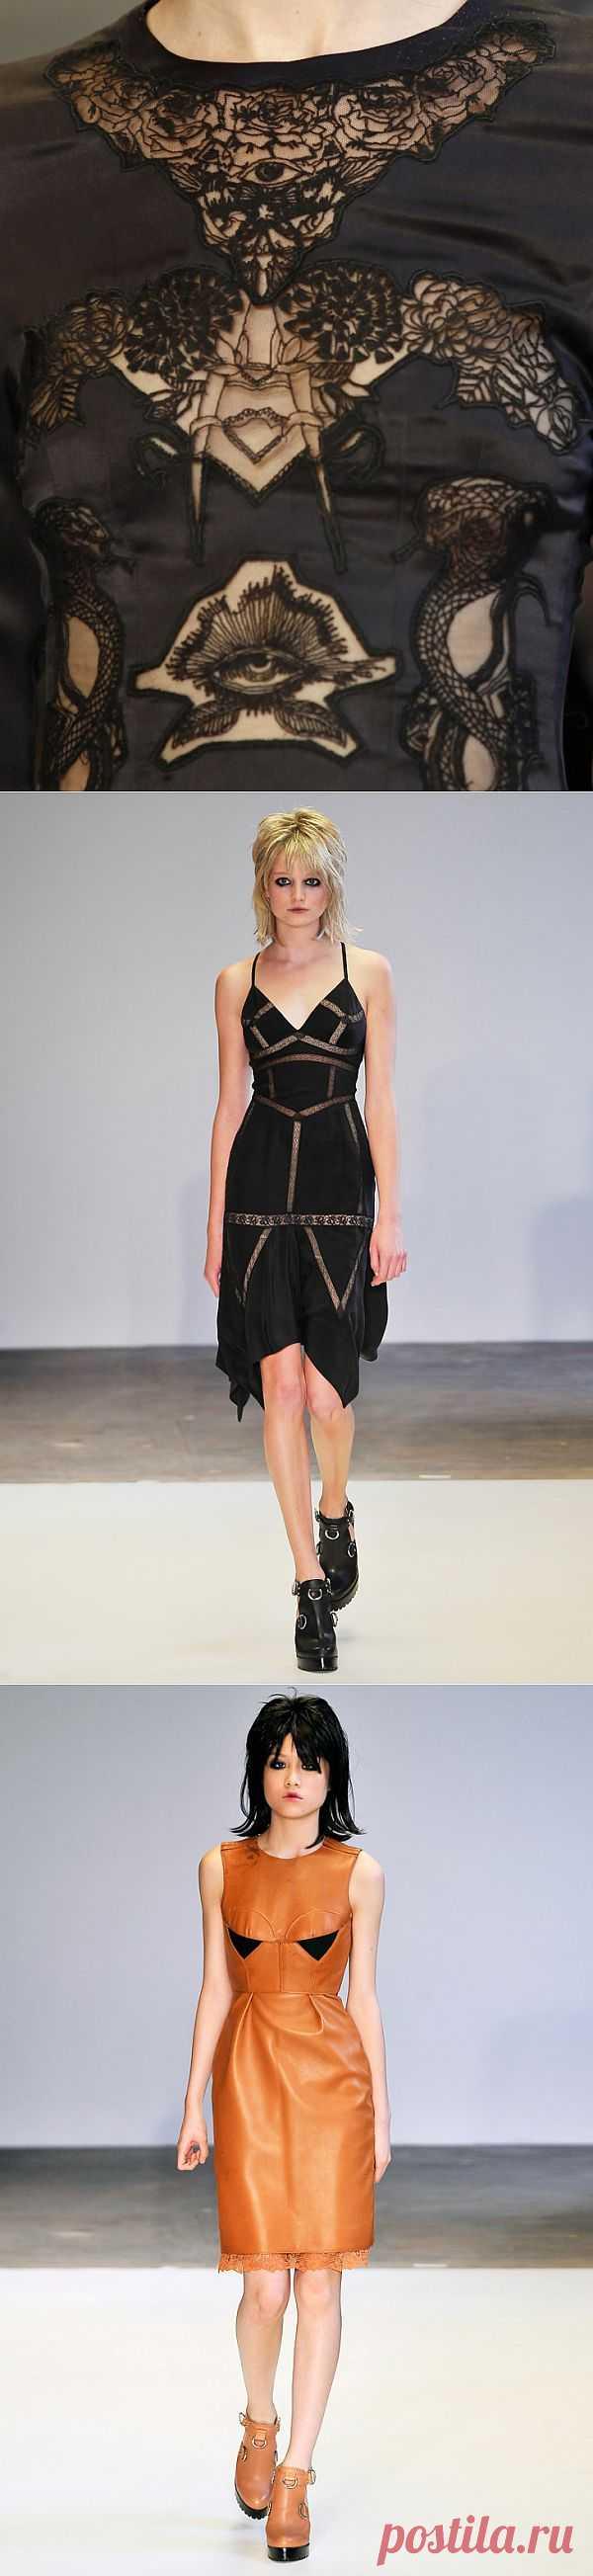 Пять платьев из коллекции Marios Schwab Spring 2011 / Декор / Модный сайт о стильной переделке одежды и интерьера